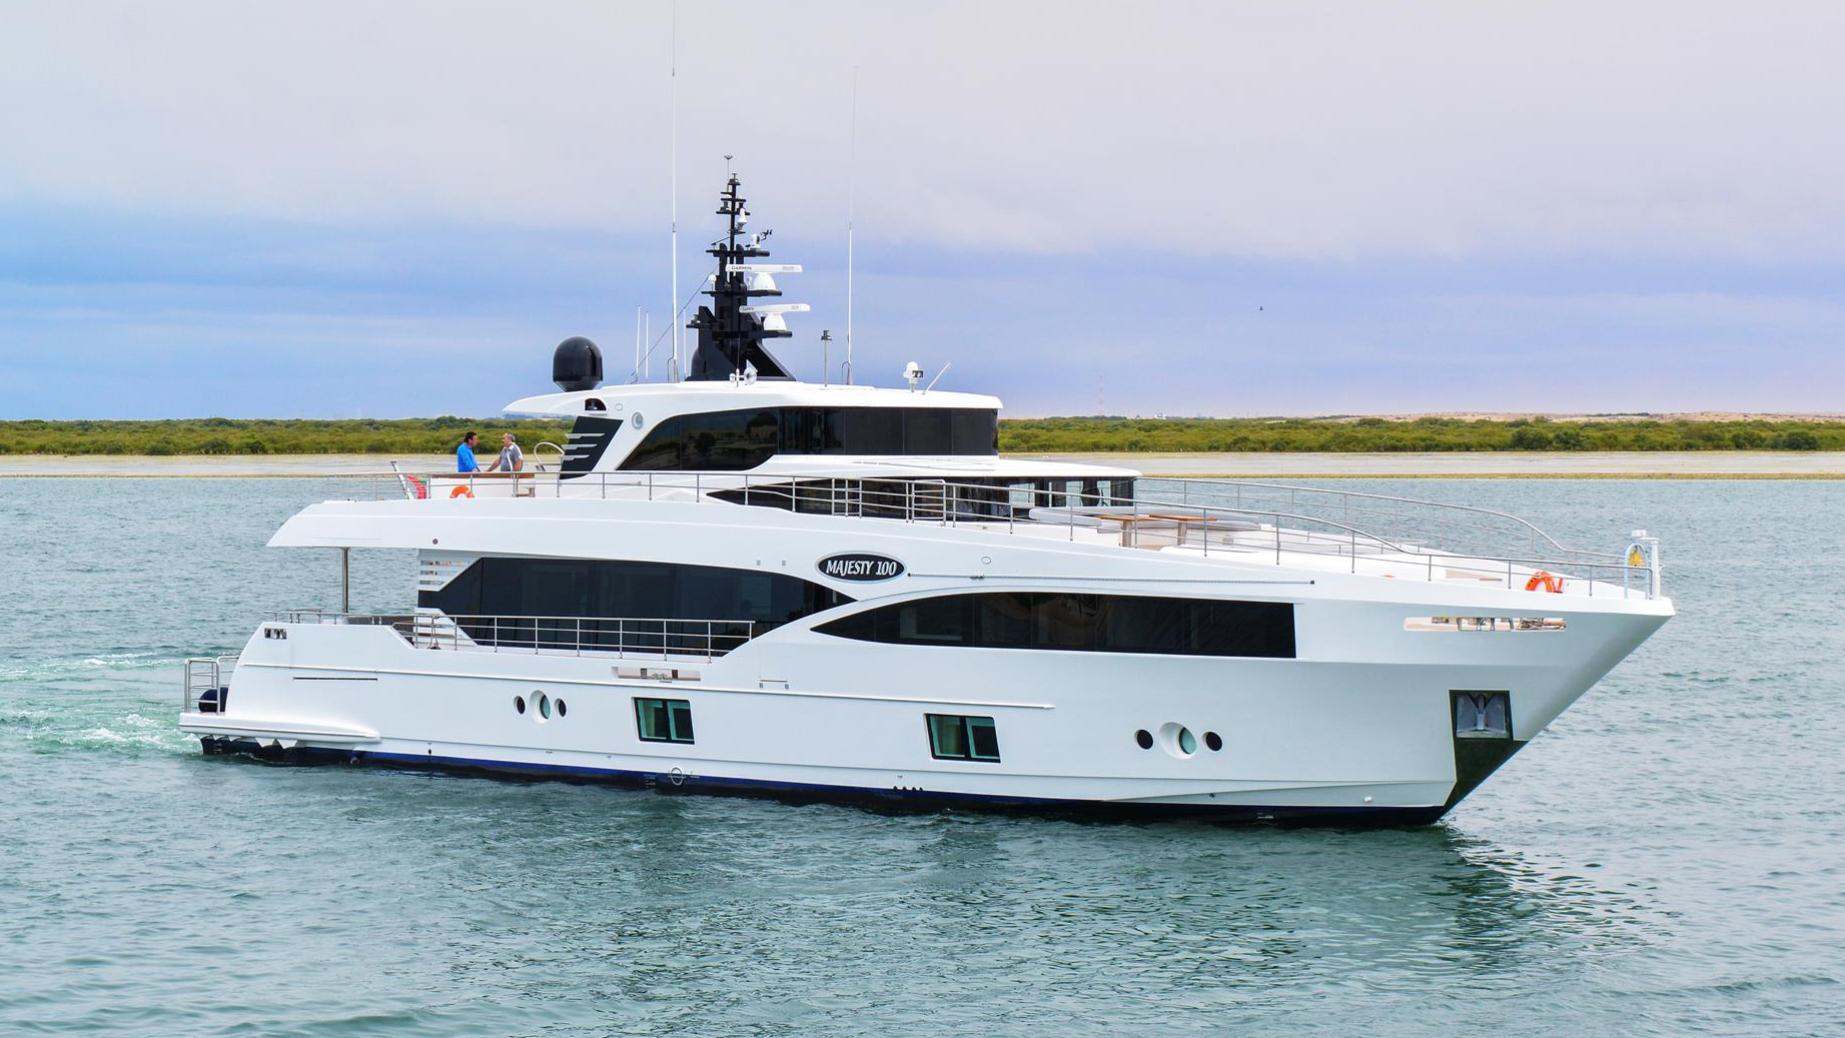 oneworld motoryacht gulf craft majesty100 31m 2018 half profile